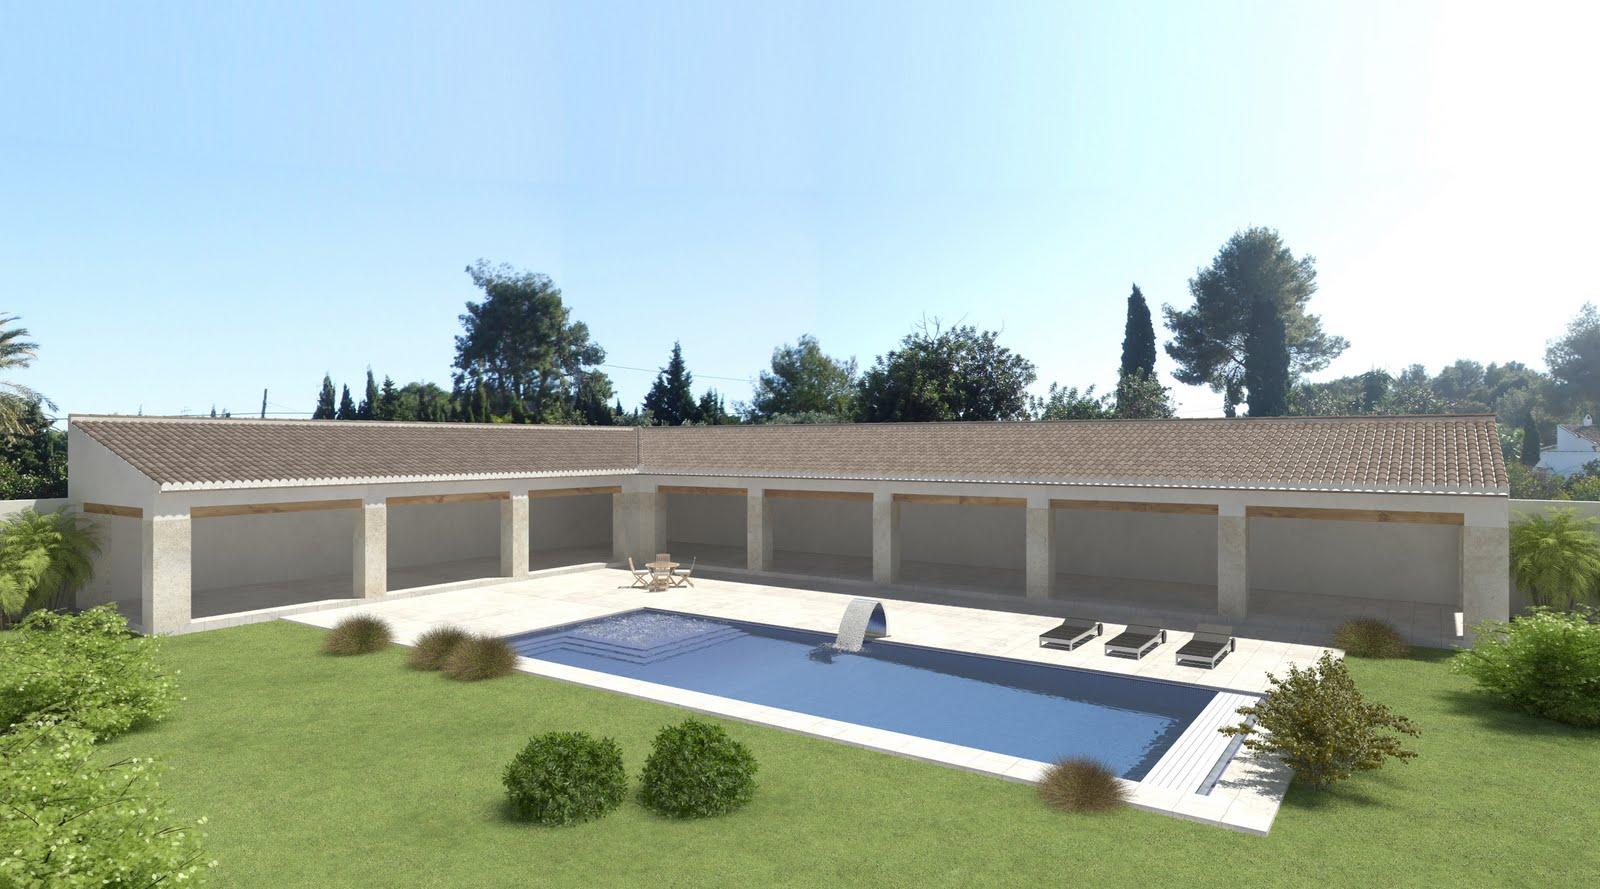 Proyectos de piscinas o spas en 3d lucas gunitec for Proyecto de piscina